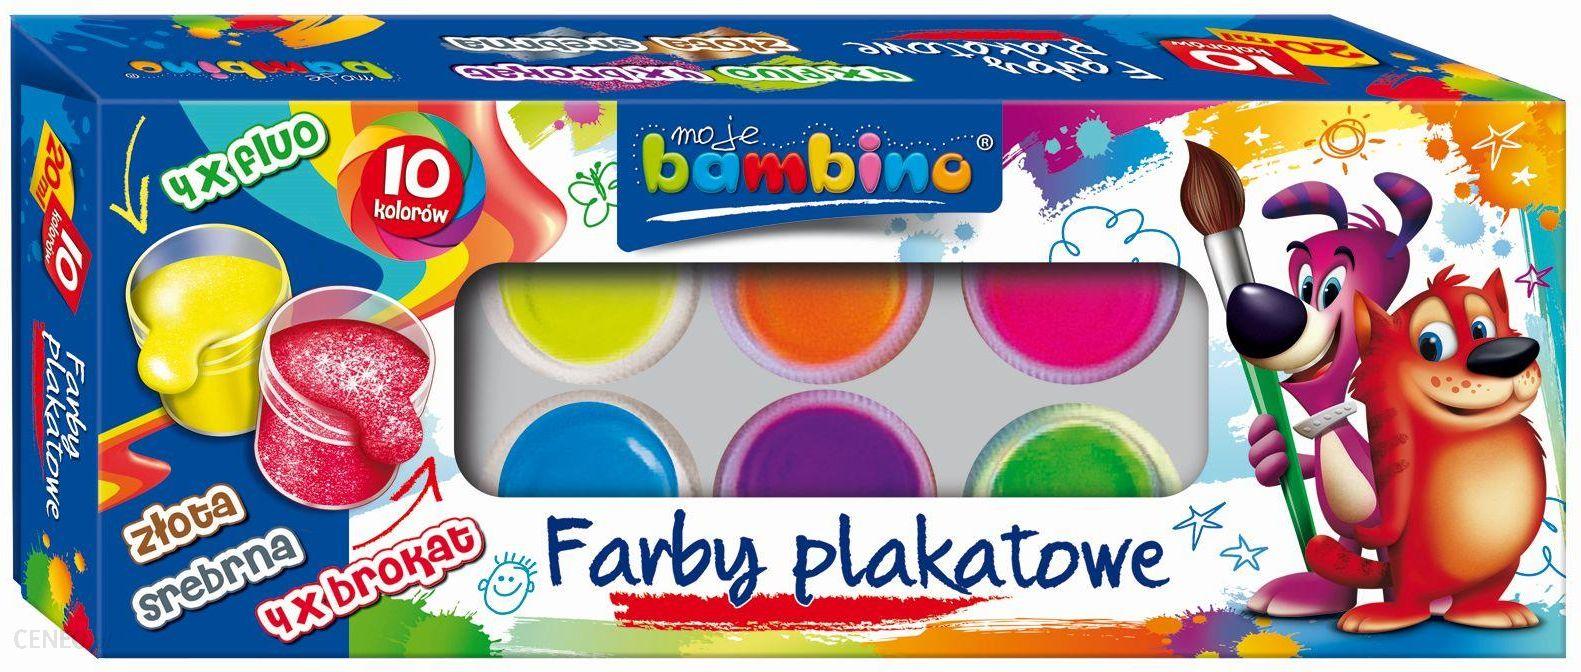 Bambino Farby Plakatowe 10 Kol 20 Ml Ceny I Opinie Ceneo Pl